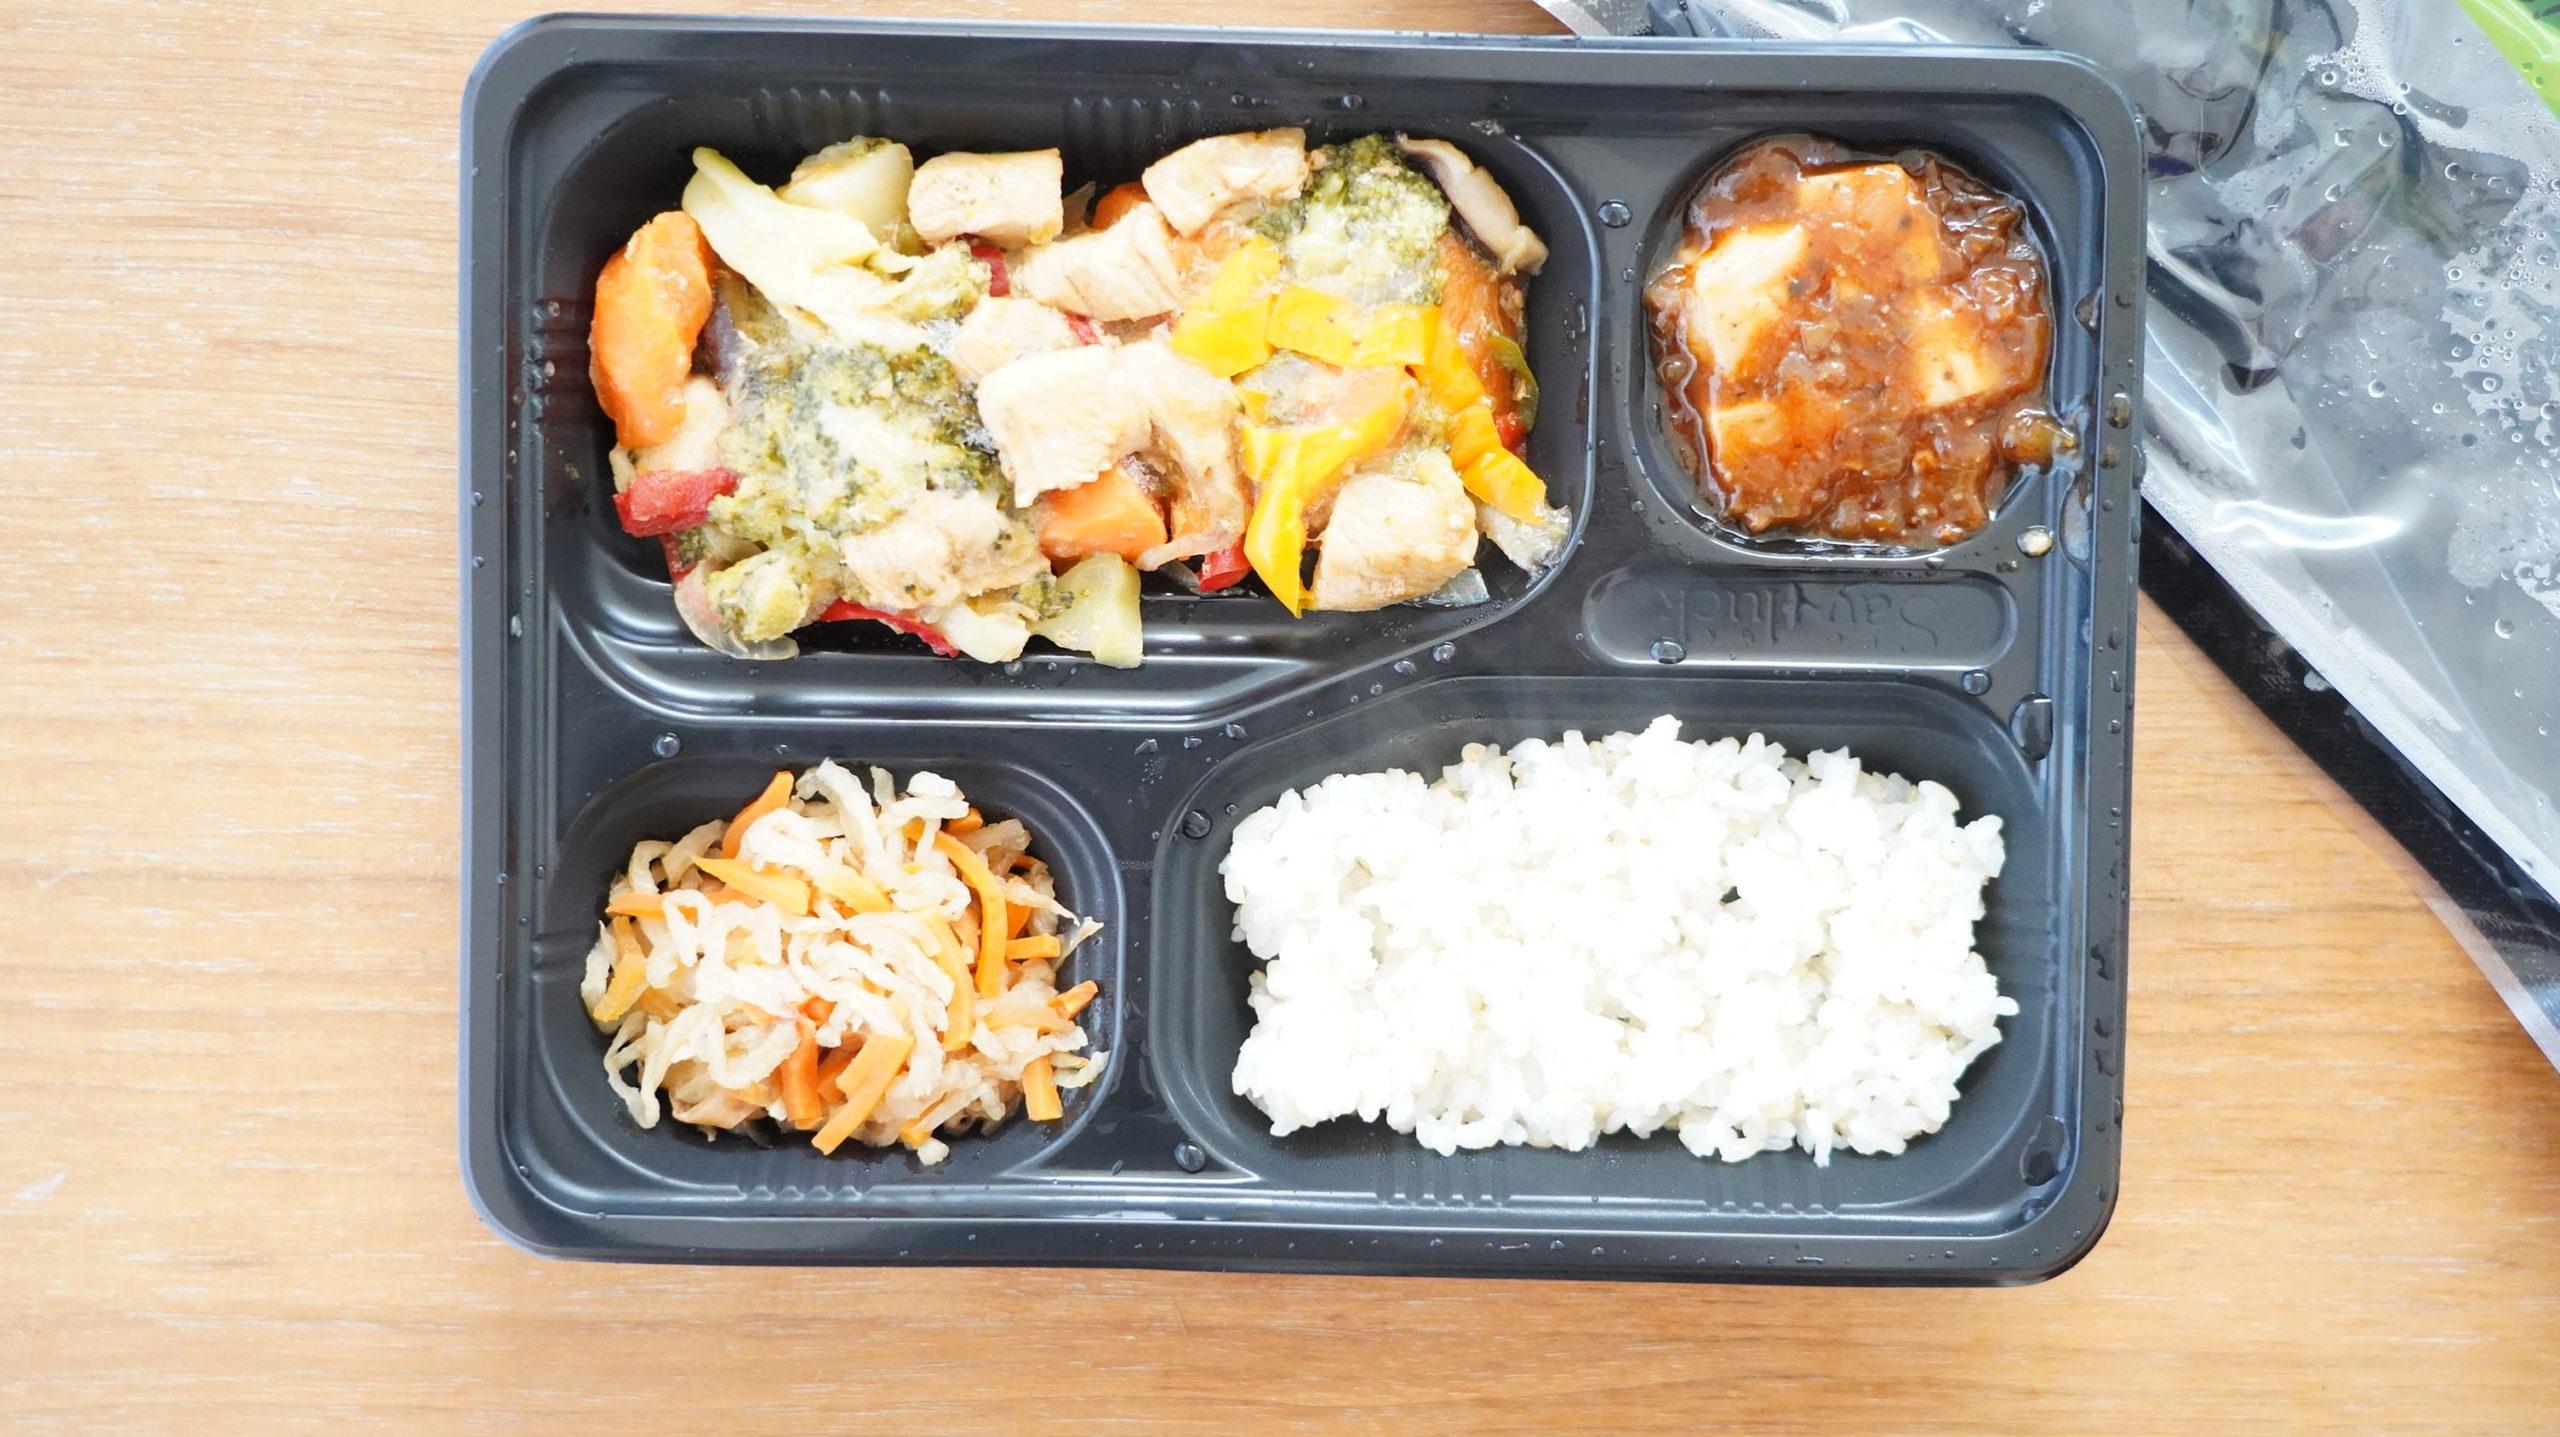 More than Deli(モアザンデリ)の冷凍弁当「鶏肉と野菜の黒酢あんかけ」を上から撮影した写真